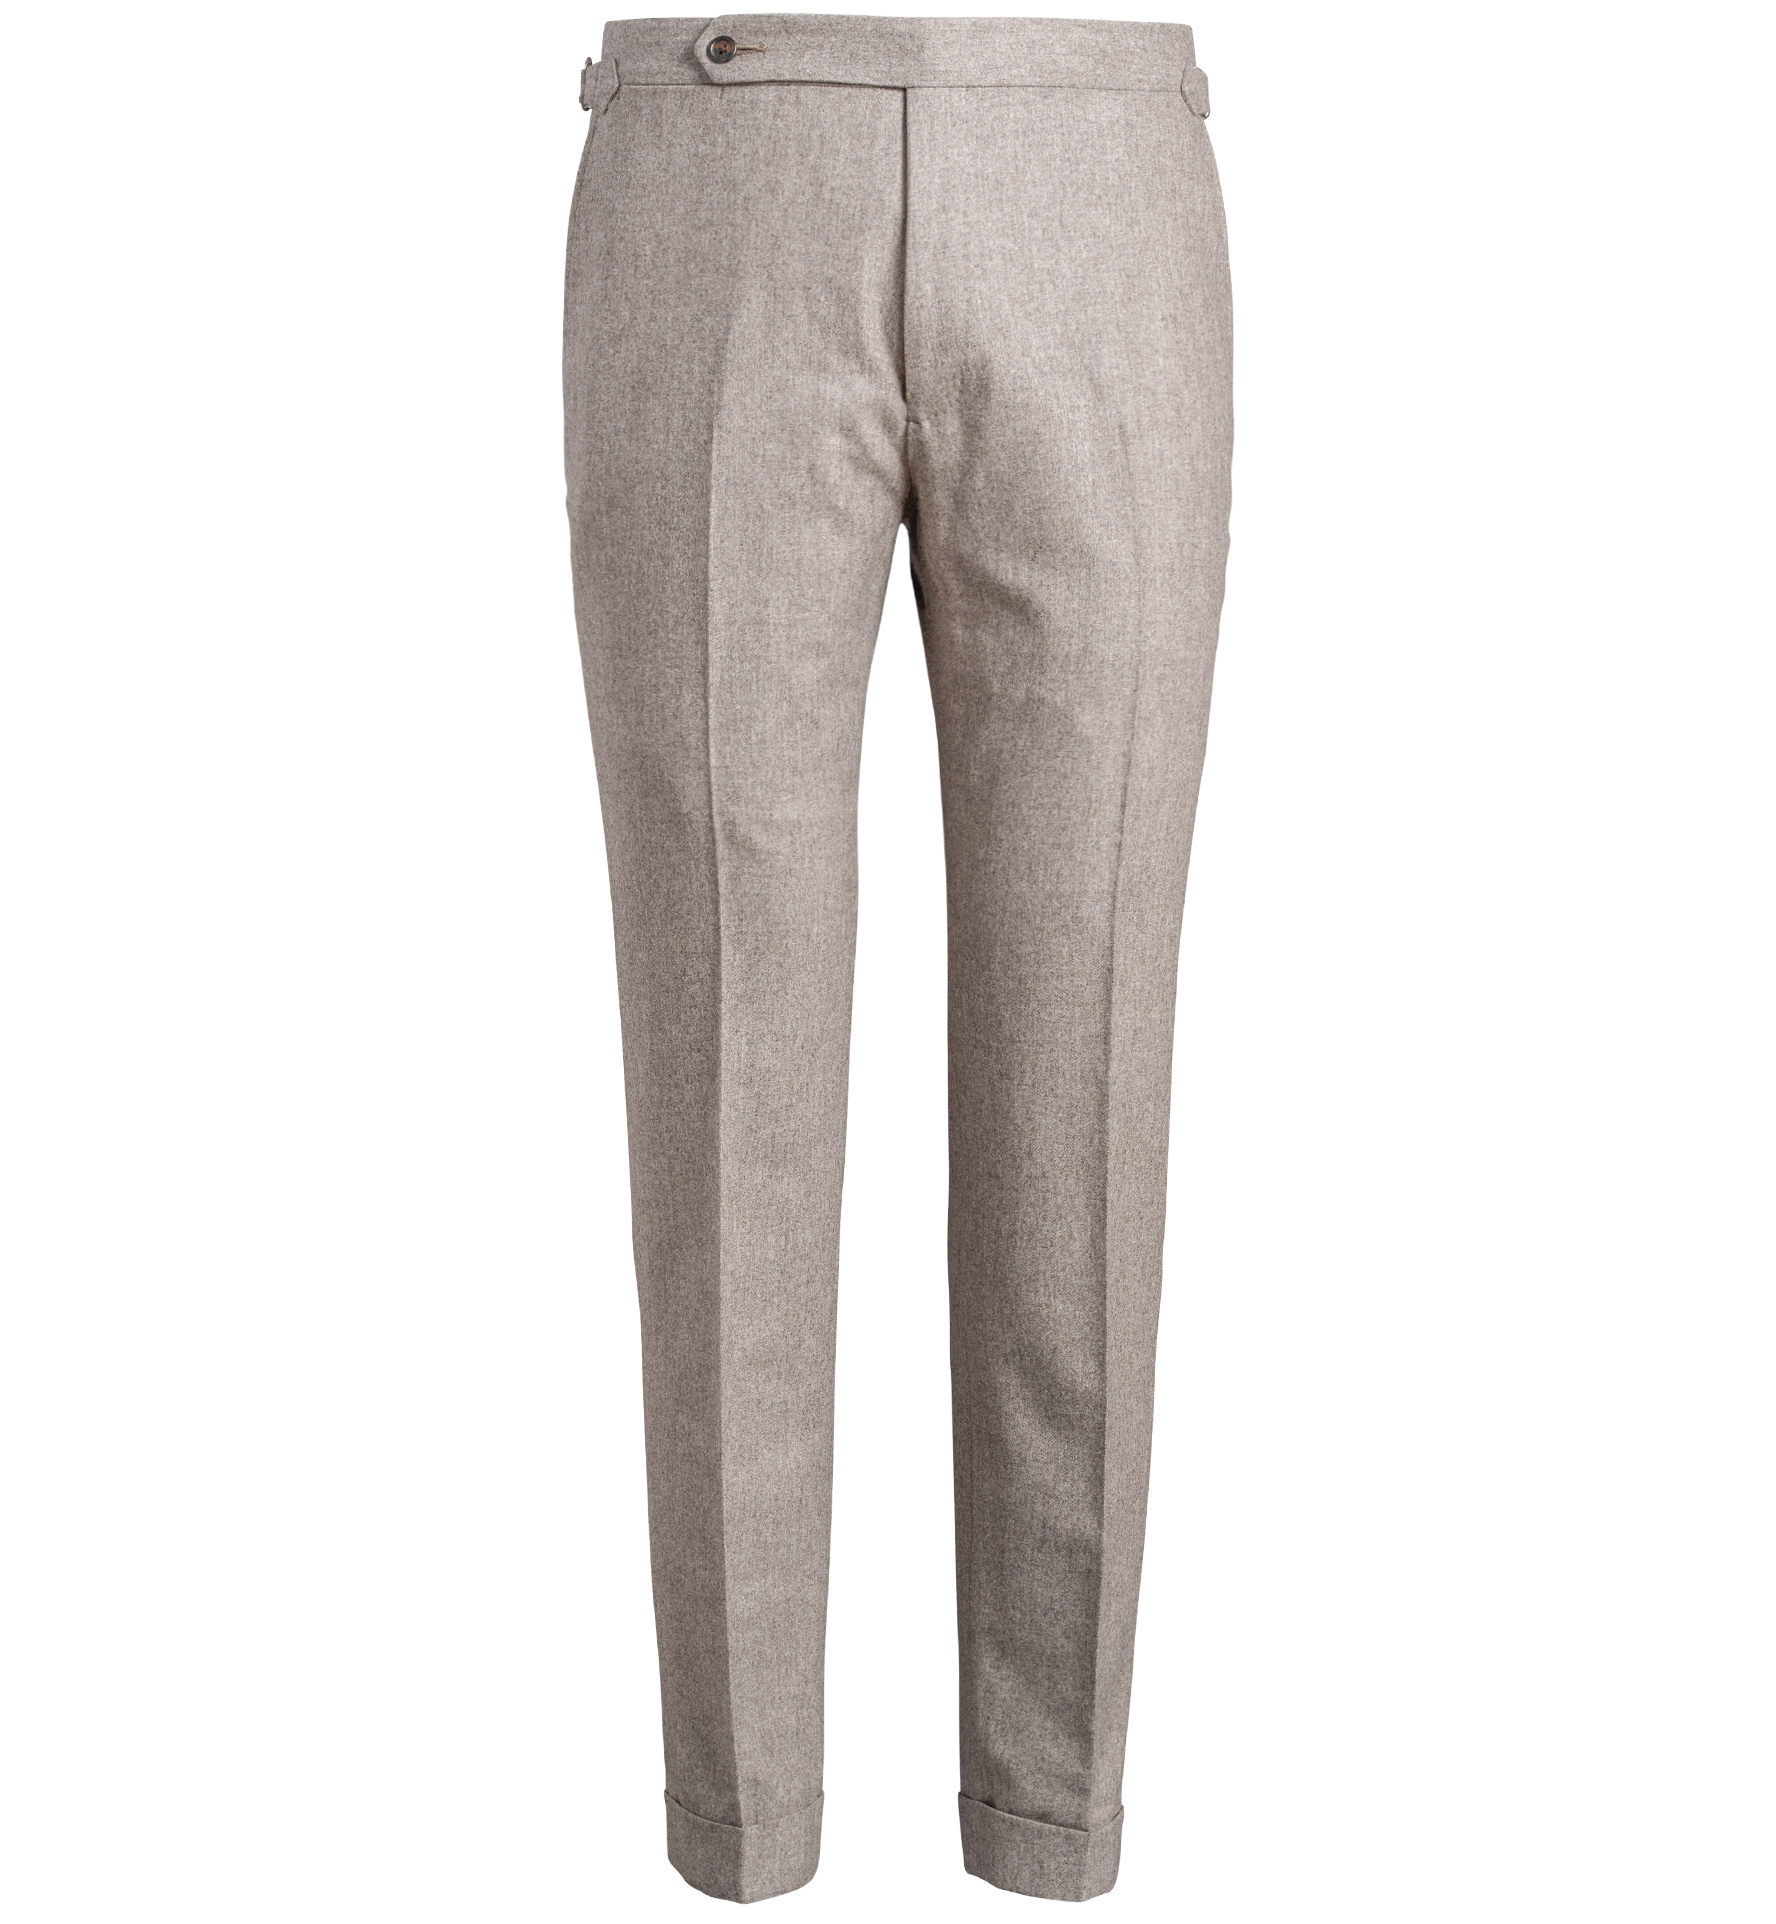 Zoom Image of Allen Fawn Melange Wool Flannel Trouser